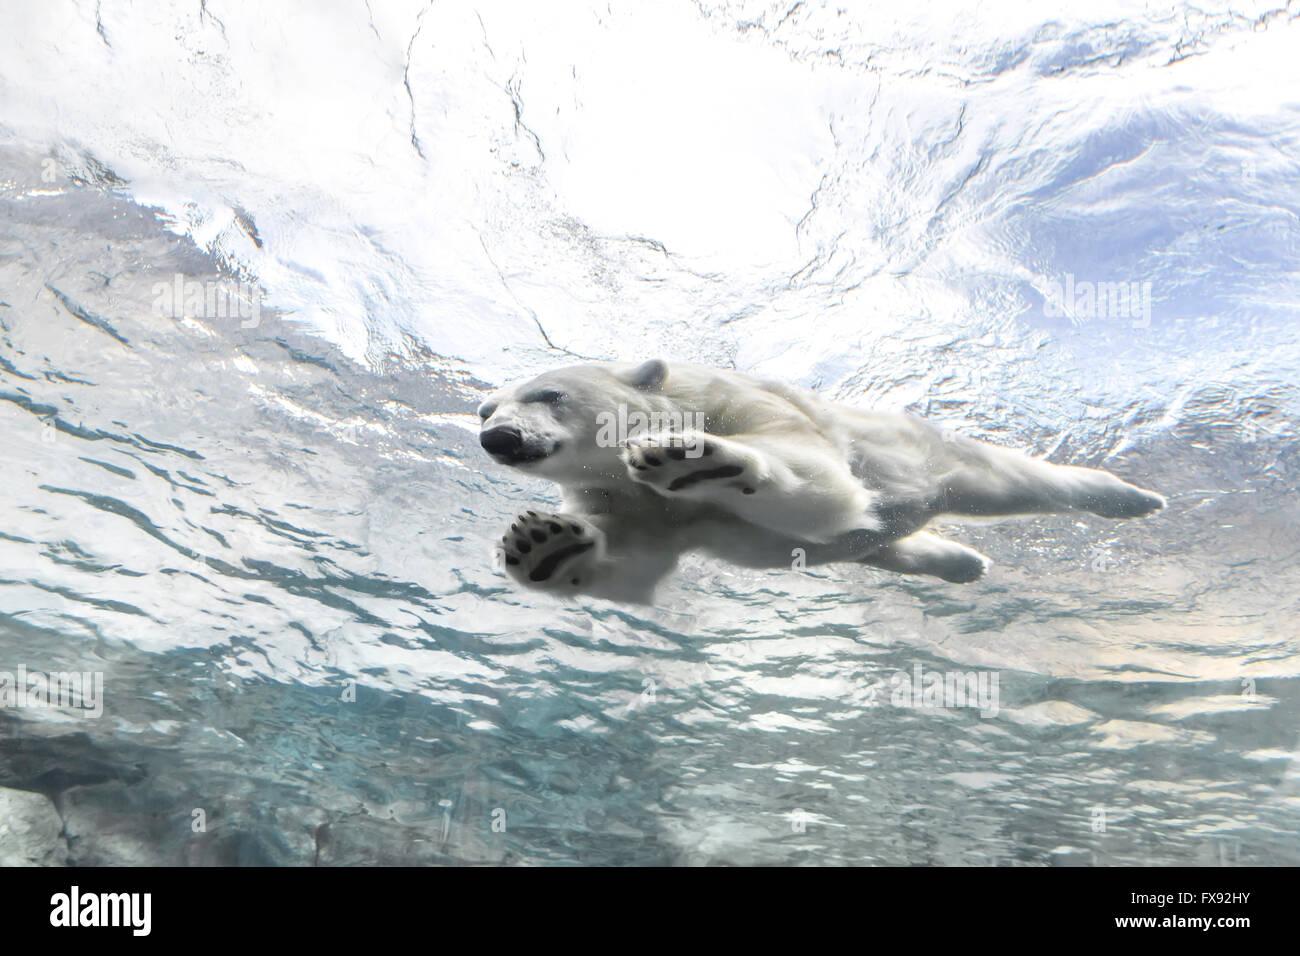 Oso Polar nadar en el viaje a Churchill, Assiniboine Park Zoo, Winnipeg, Manitoba, Canadá. Imagen De Stock